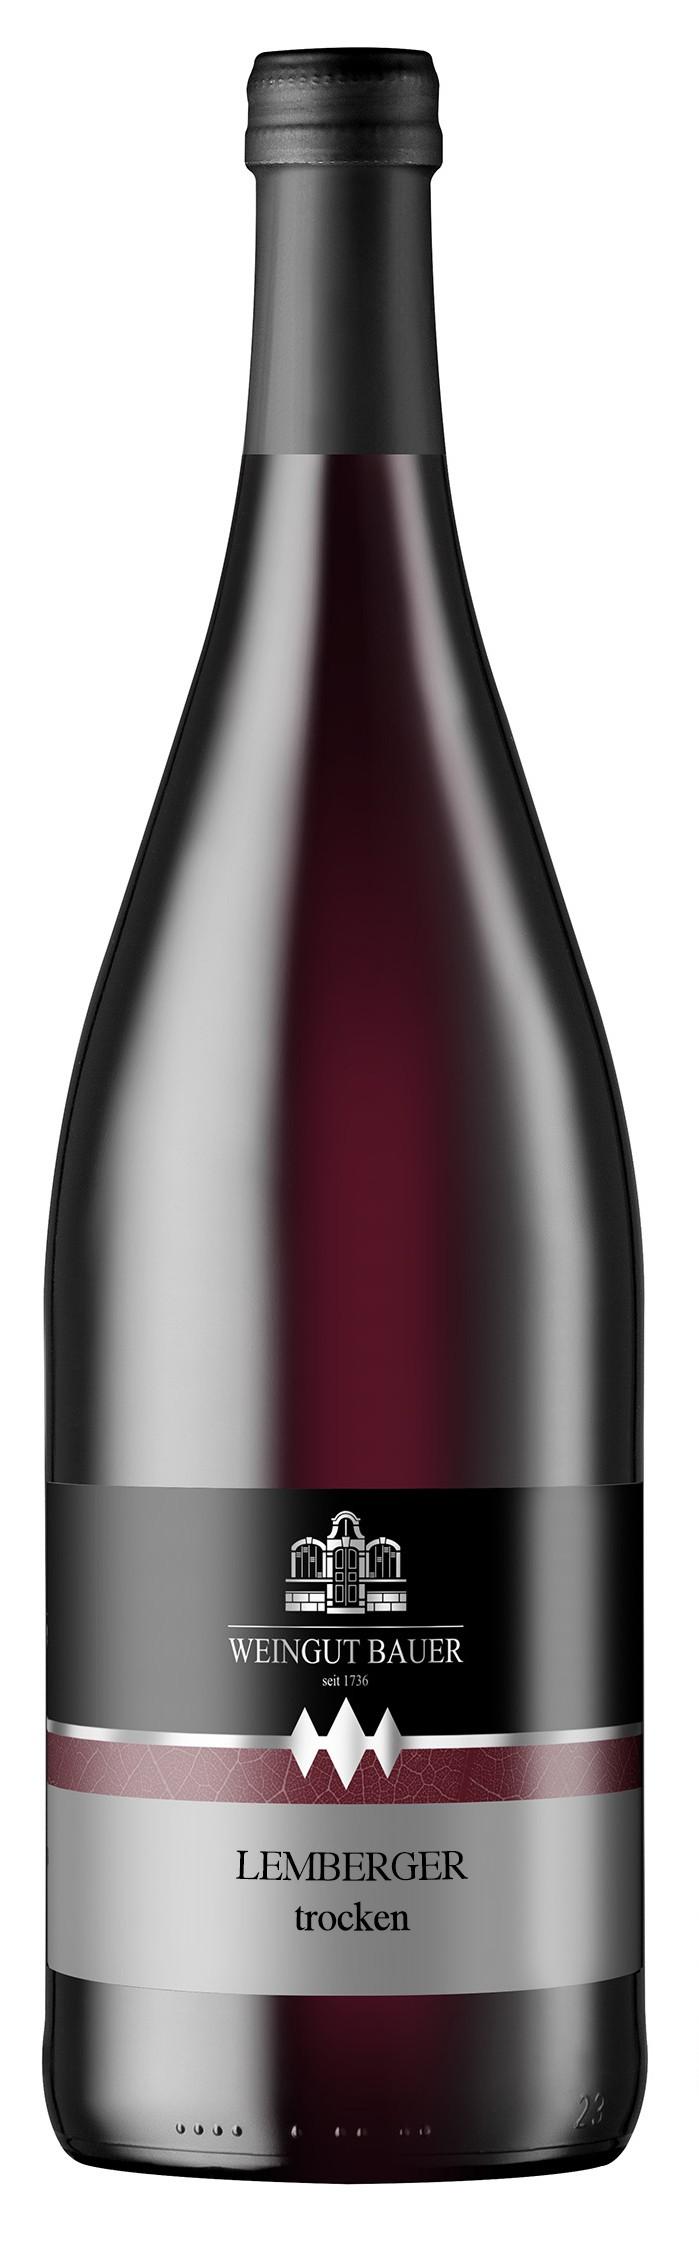 2015er Lemberger trocken Qualiätswein, 1000ml